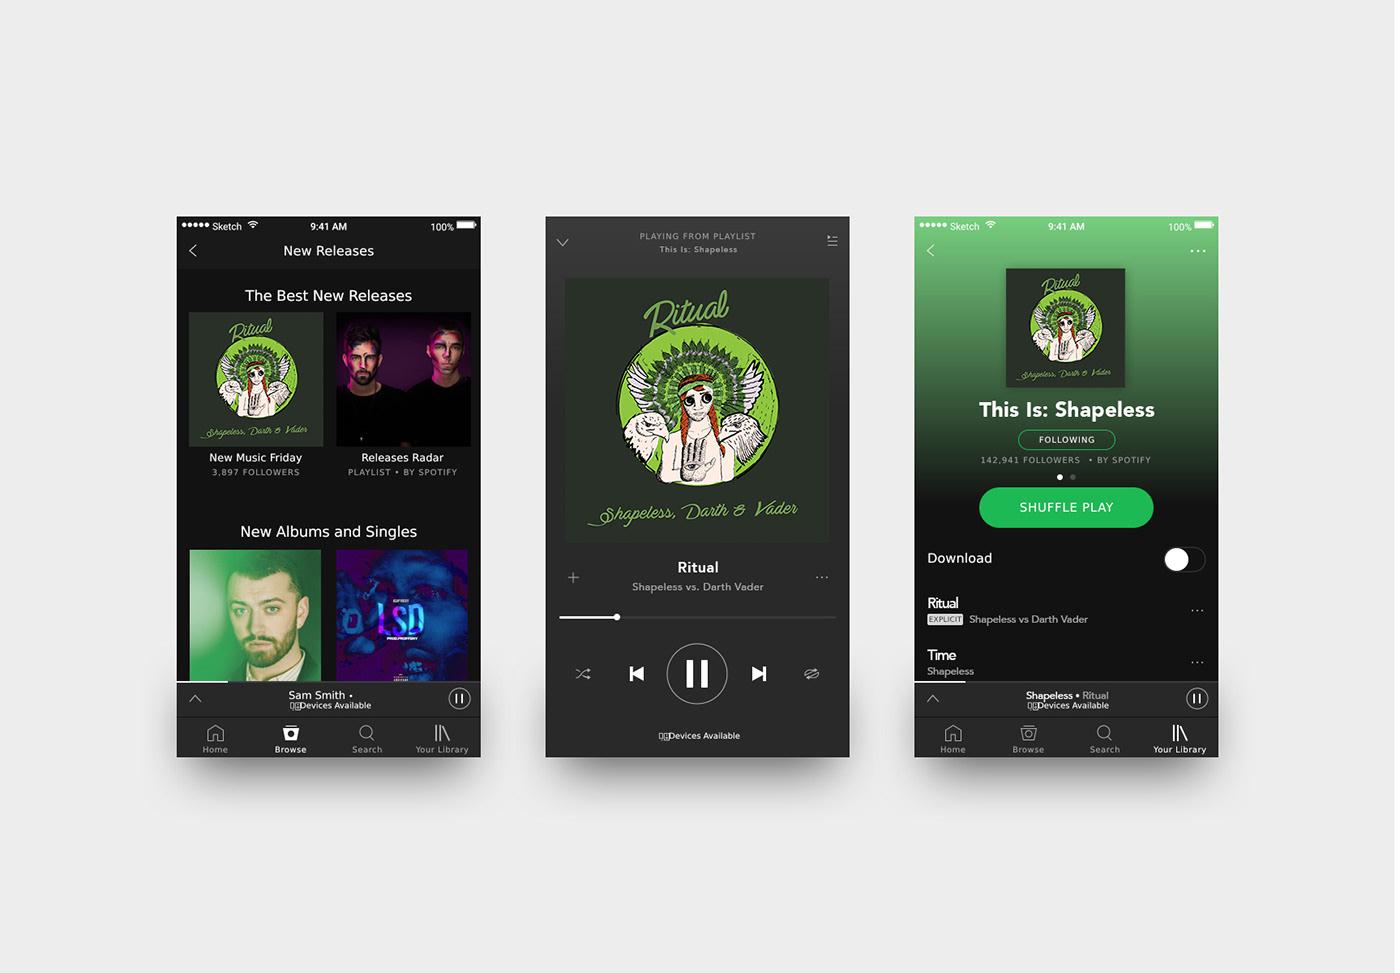 cover LP Album spotify shapeless eletronico Capa disco musica